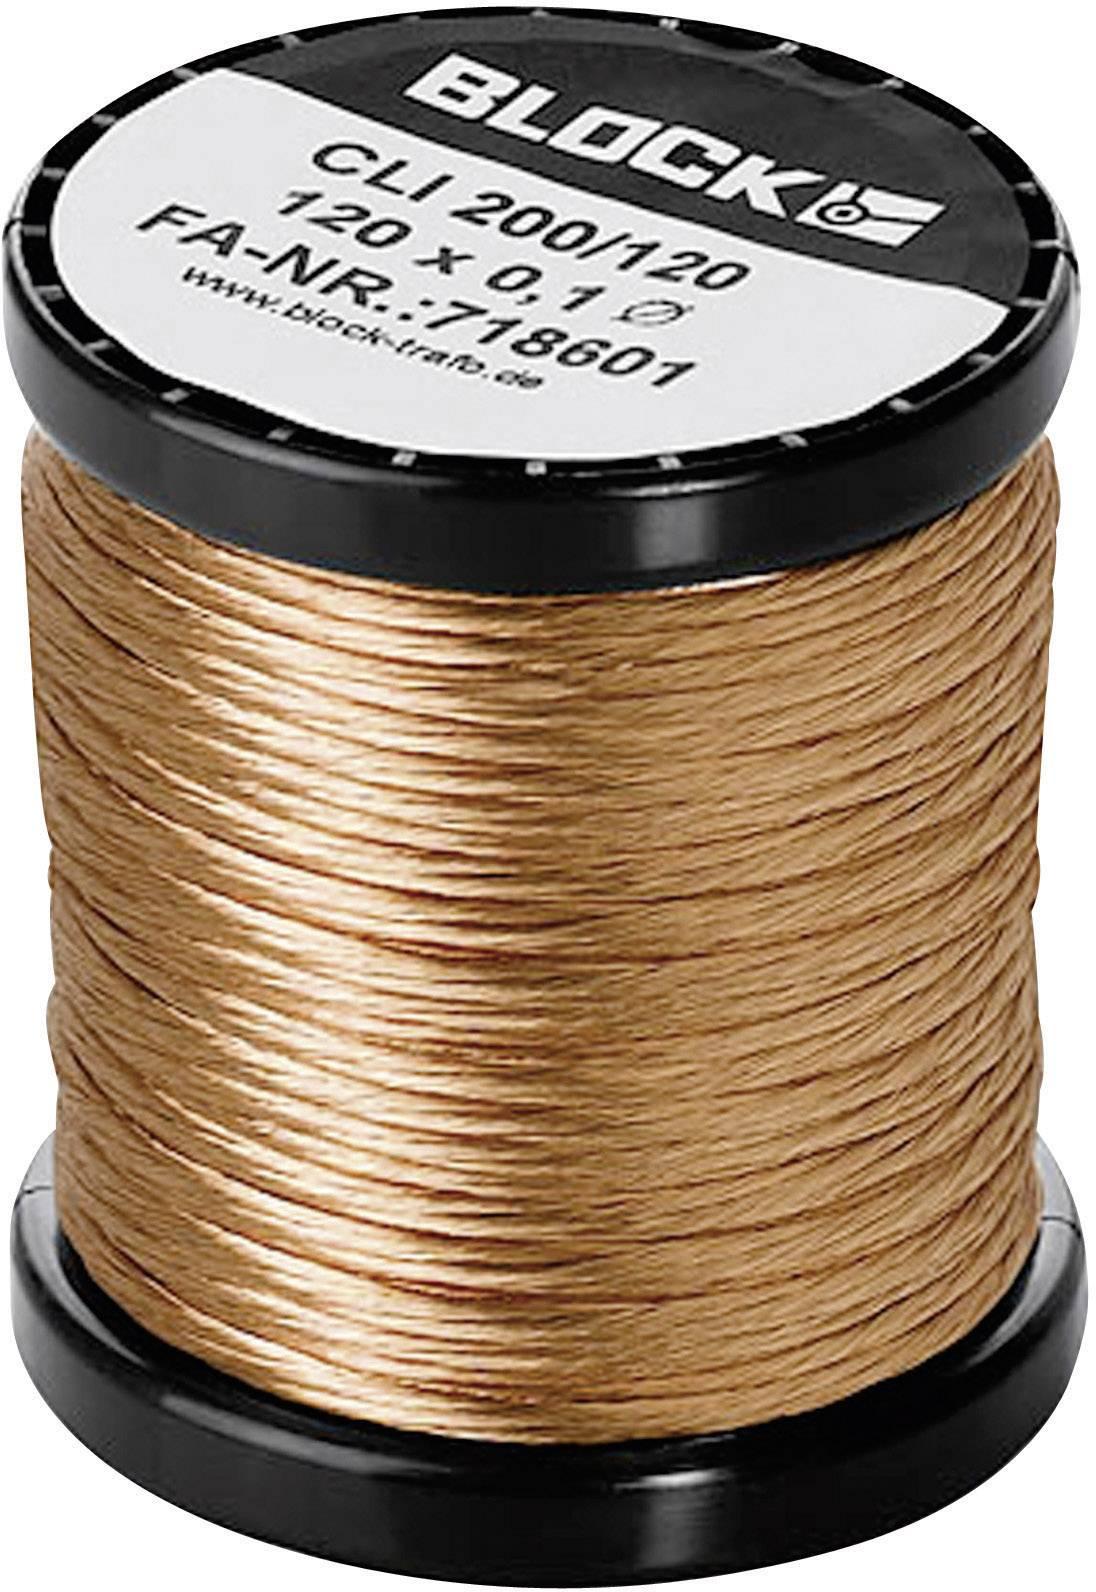 Medený drôt smaltovaný lakom Block CLI 200/30, vonkajší Ø 0.10 mm, 1 balení